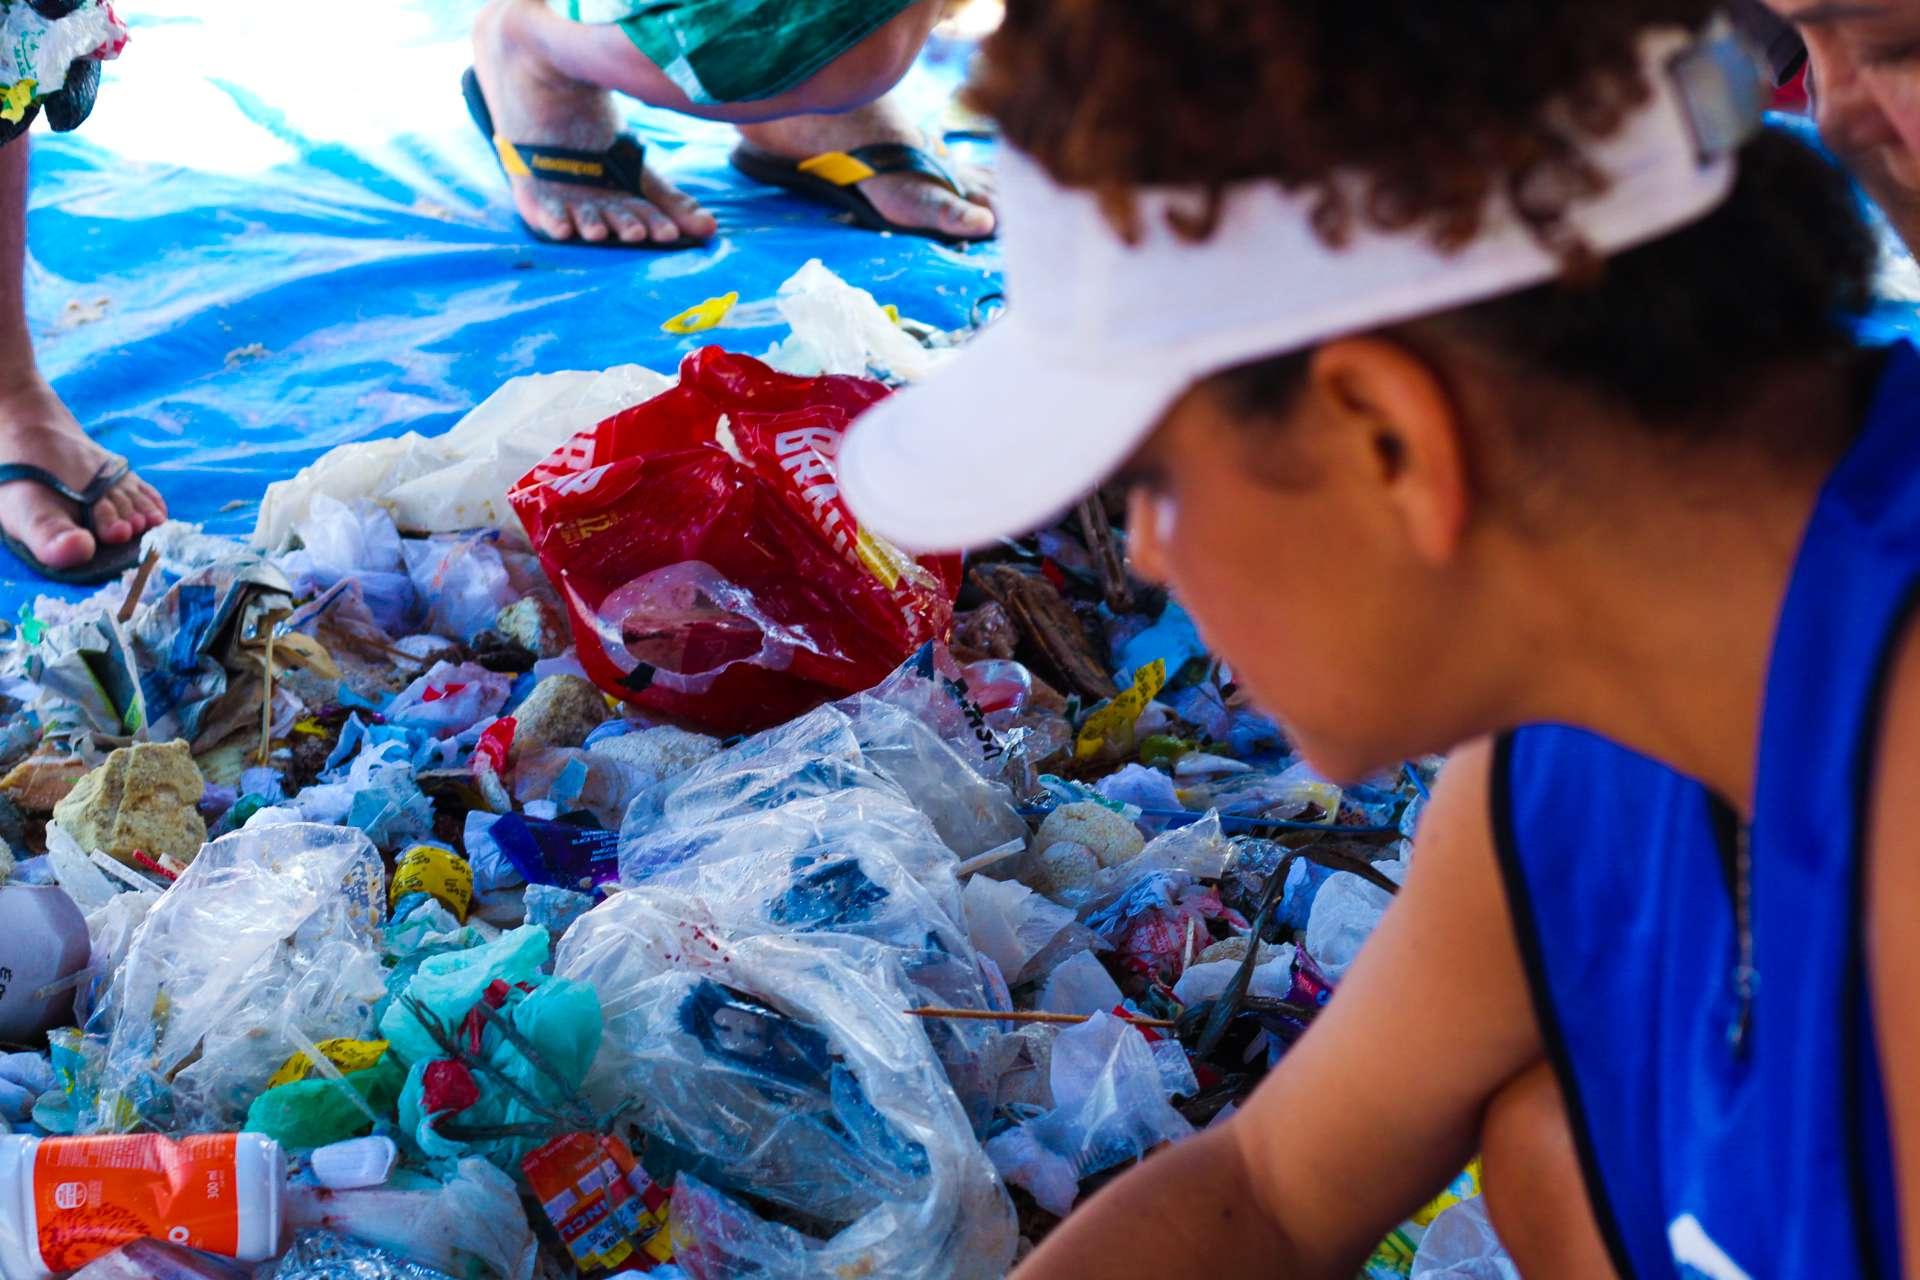 Adriana Calcanhotto em ação para limpeza da Praia do Leblon